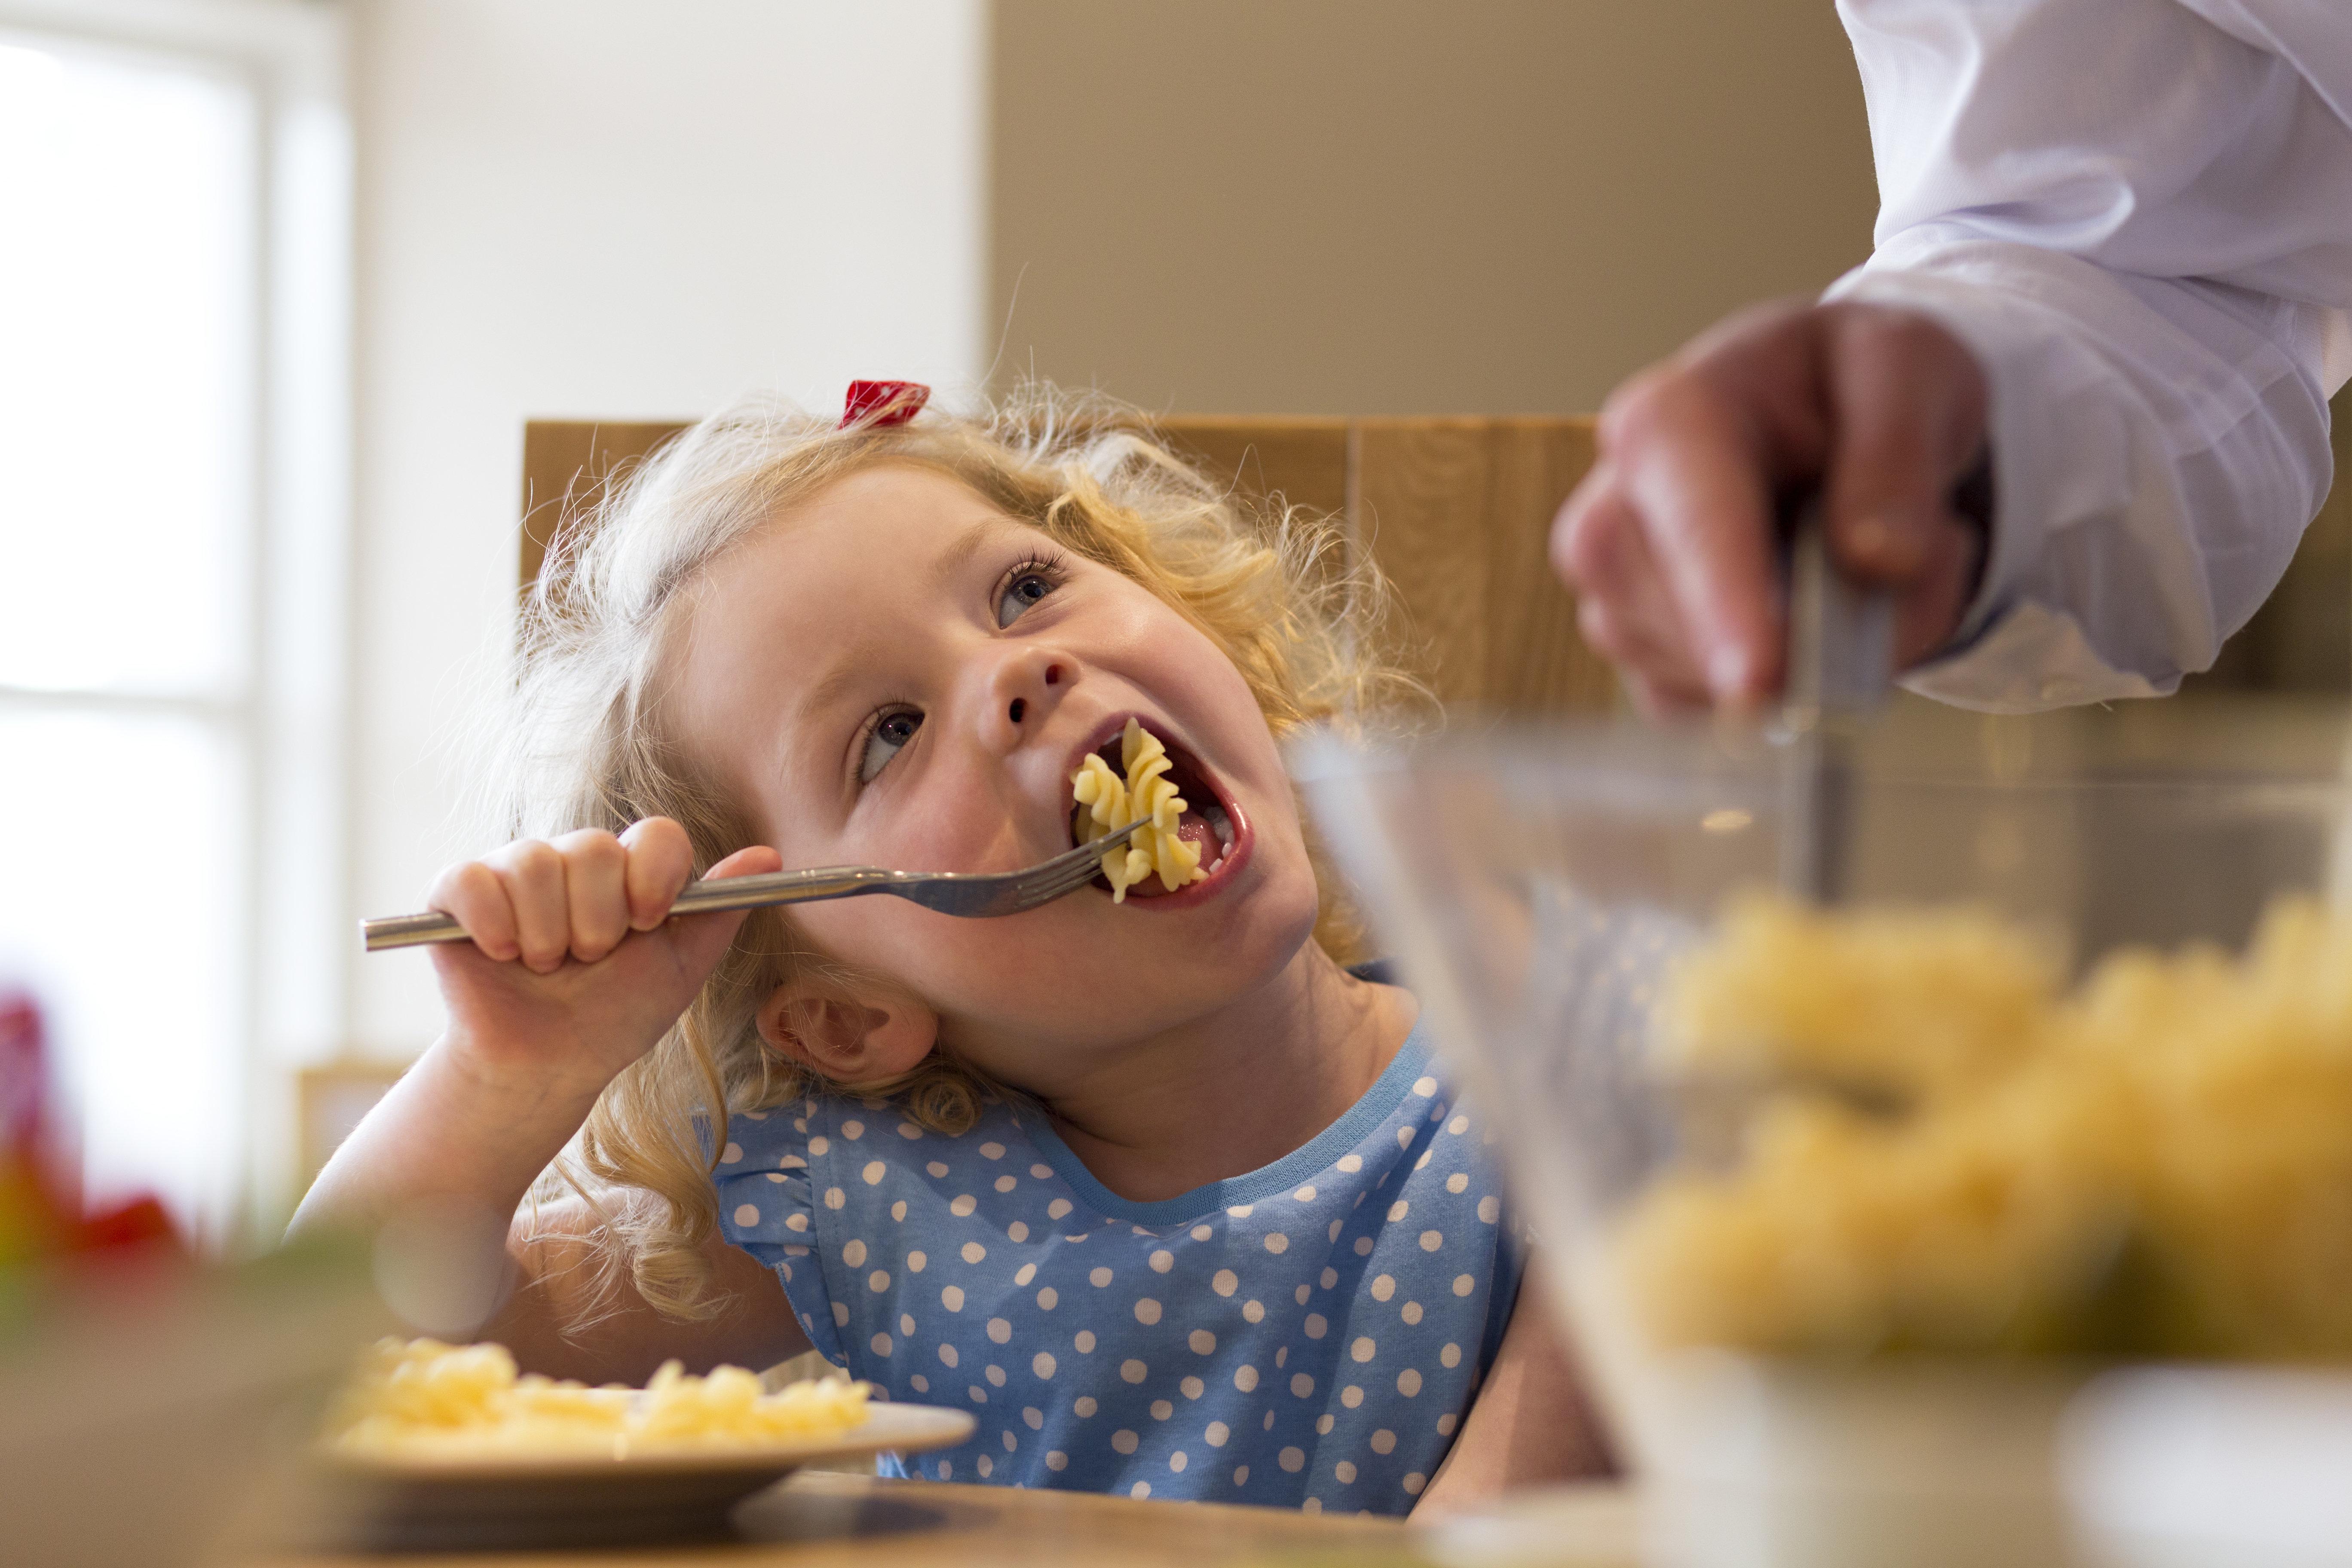 Mutter kocht Nudeln – zum Glück erkennen die Kinder nicht, was sie